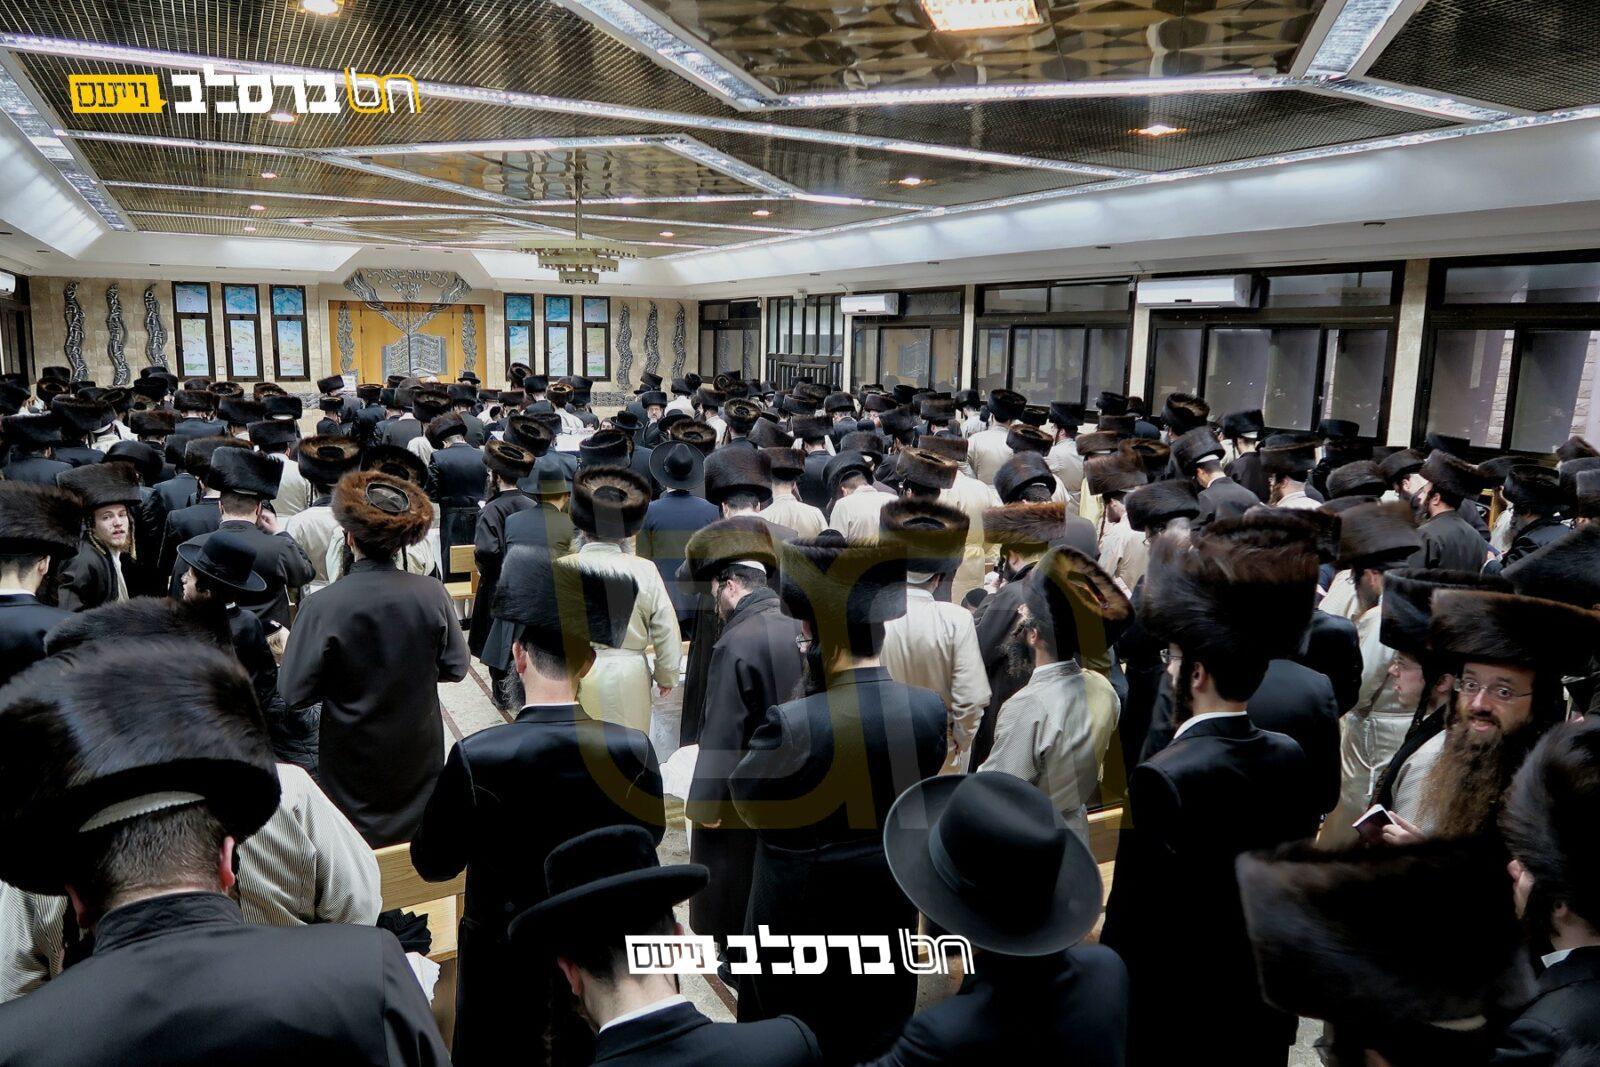 מורשת הנחל: מתכוננים לשבת התאחדות במירון | הרשמו